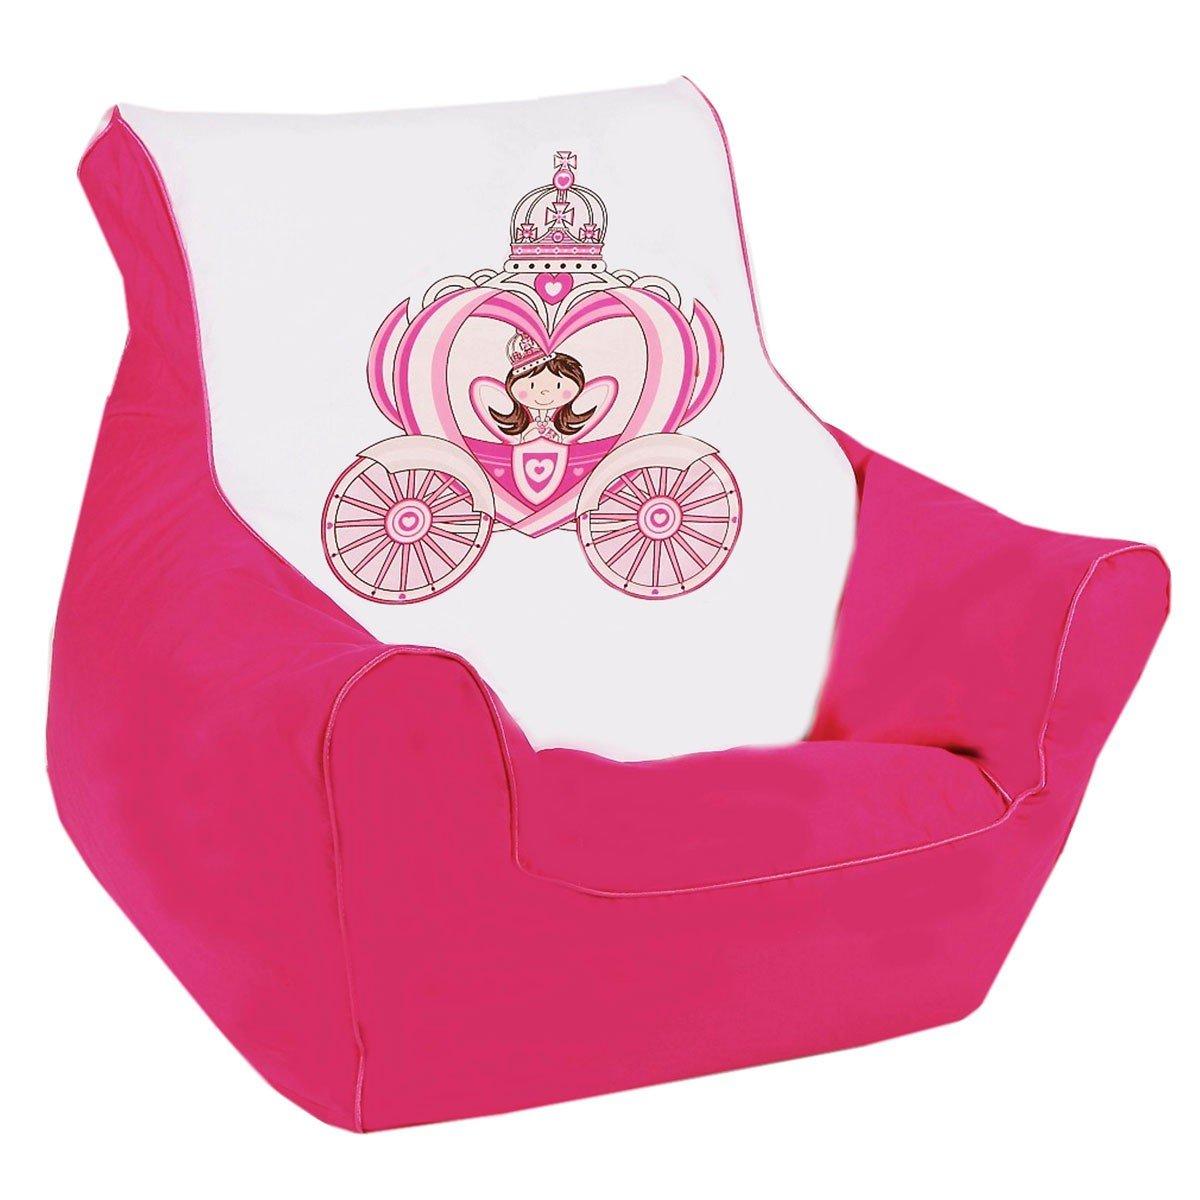 Knorr-Baby 2014 Flieger - Sillón infantil rosa 450204